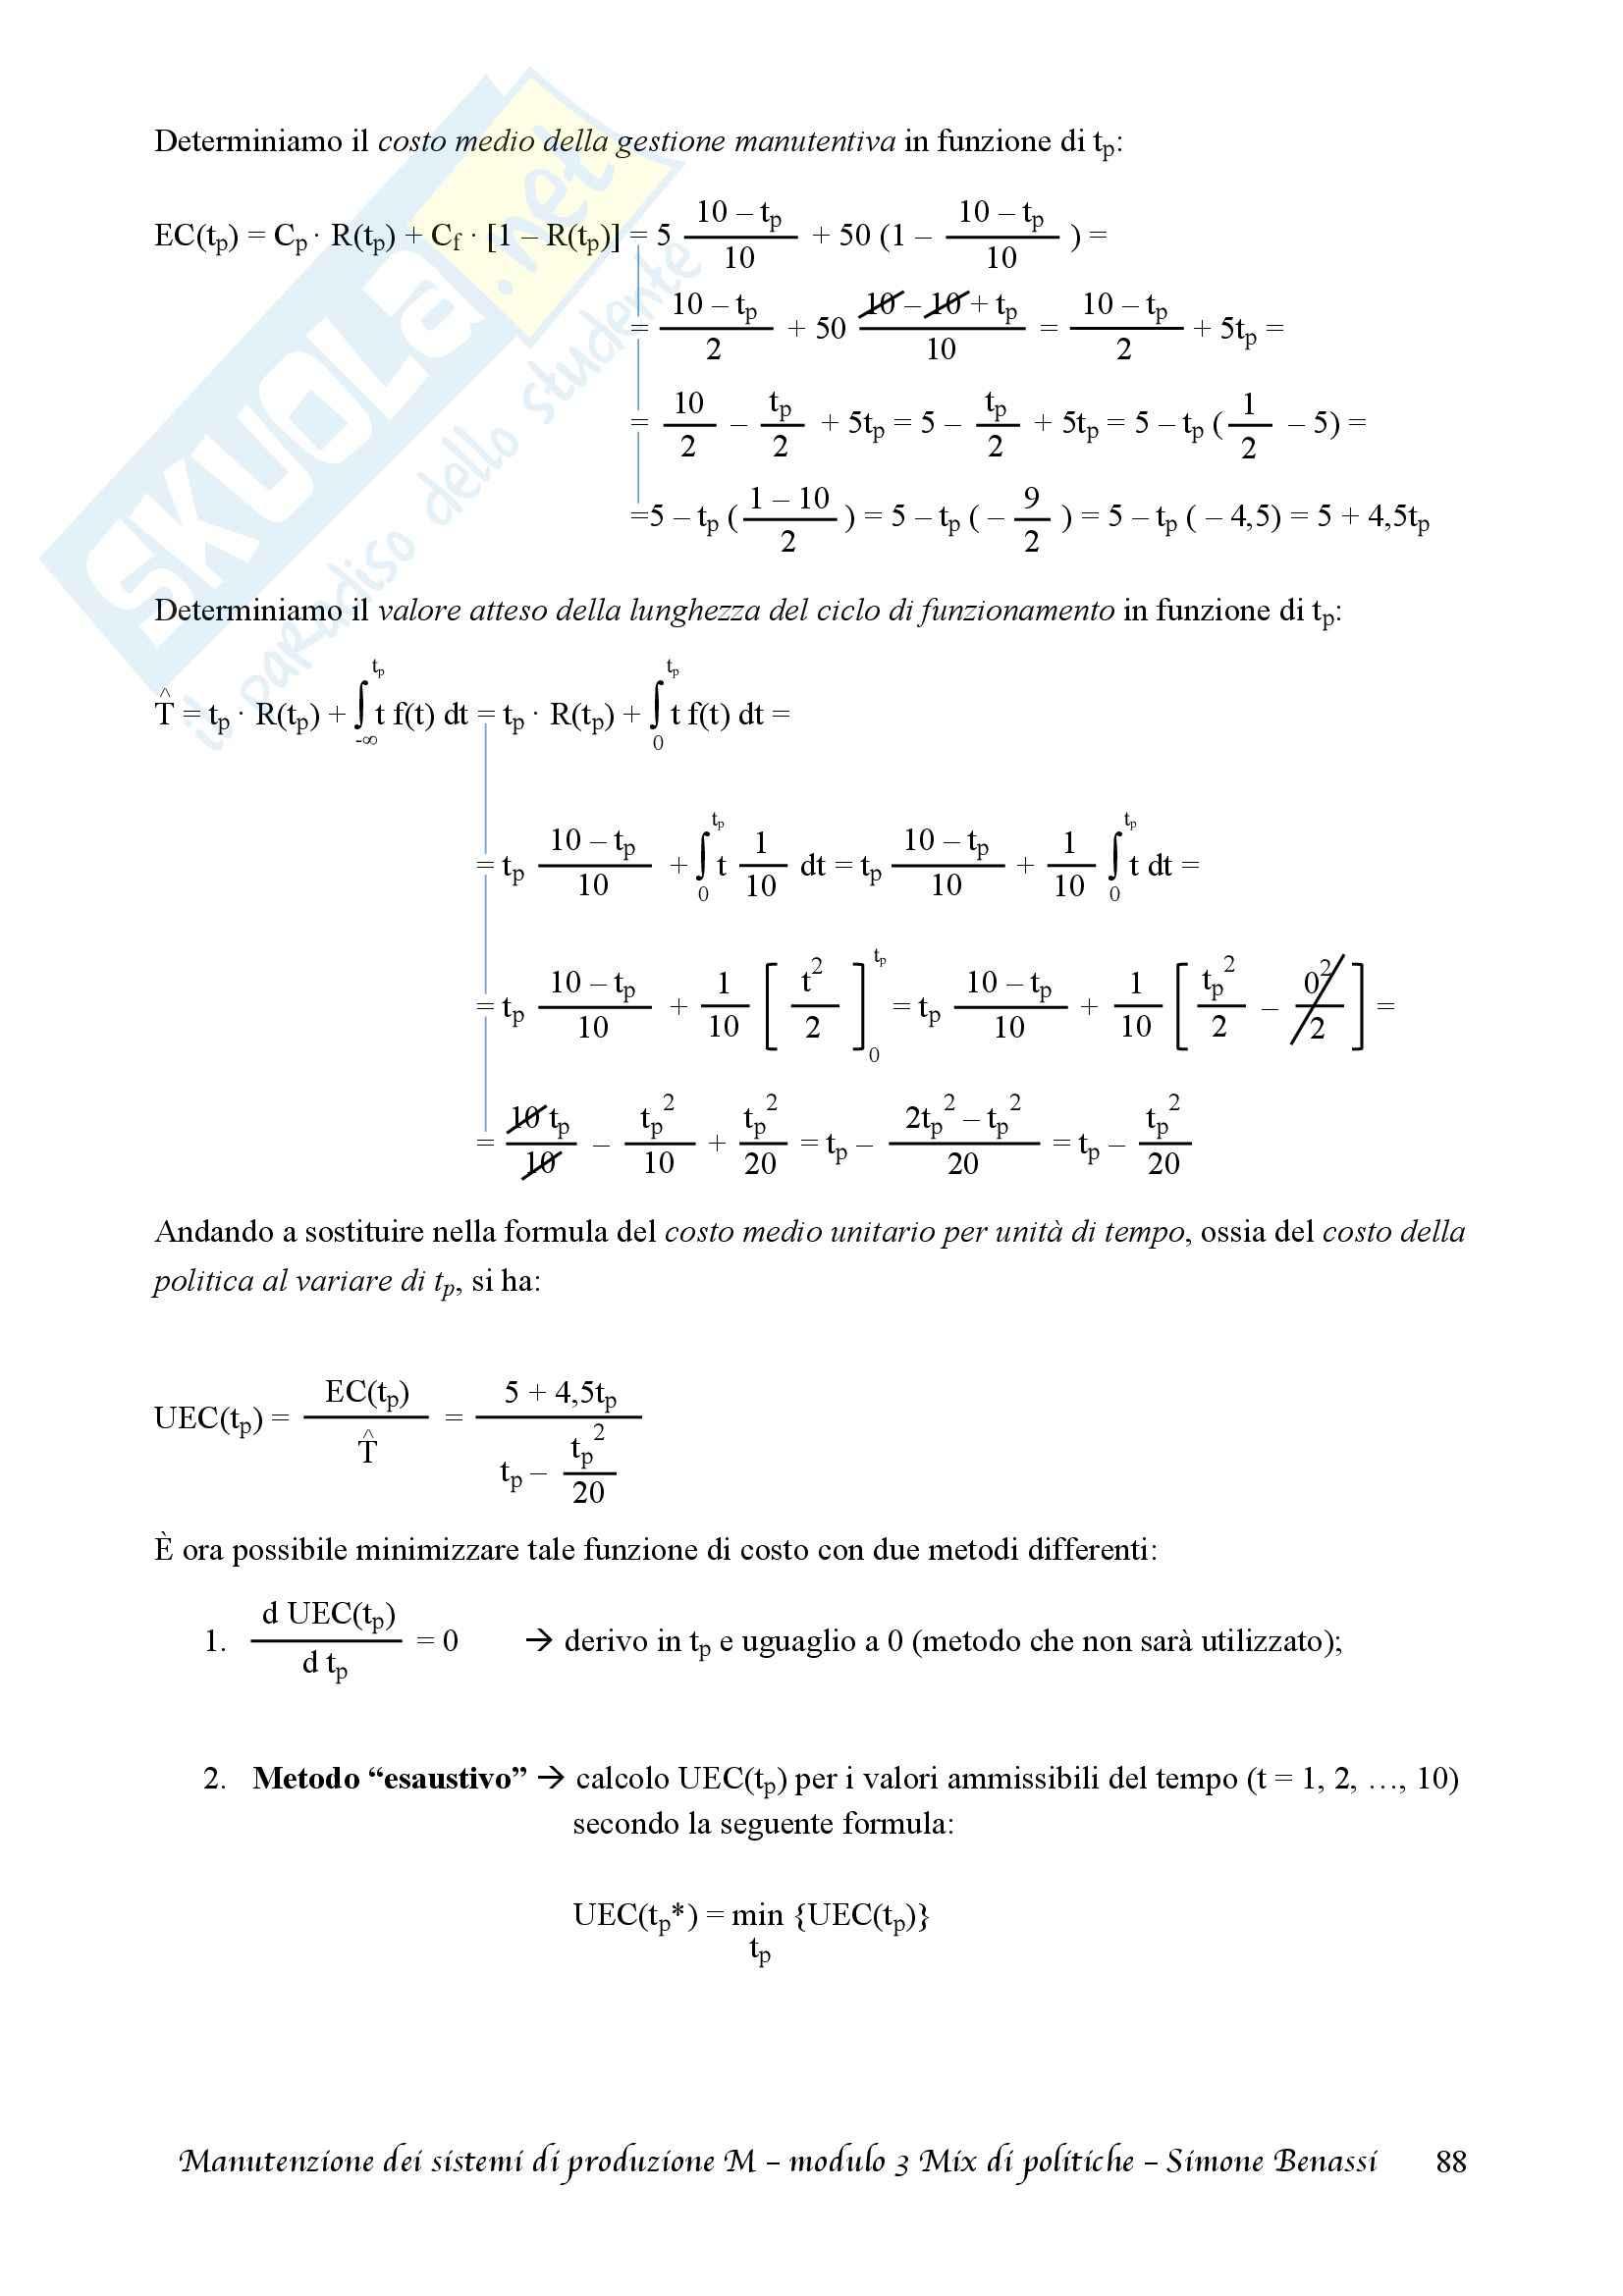 Lezioni, Manutenzione dei sistemi di produzione M Pag. 91